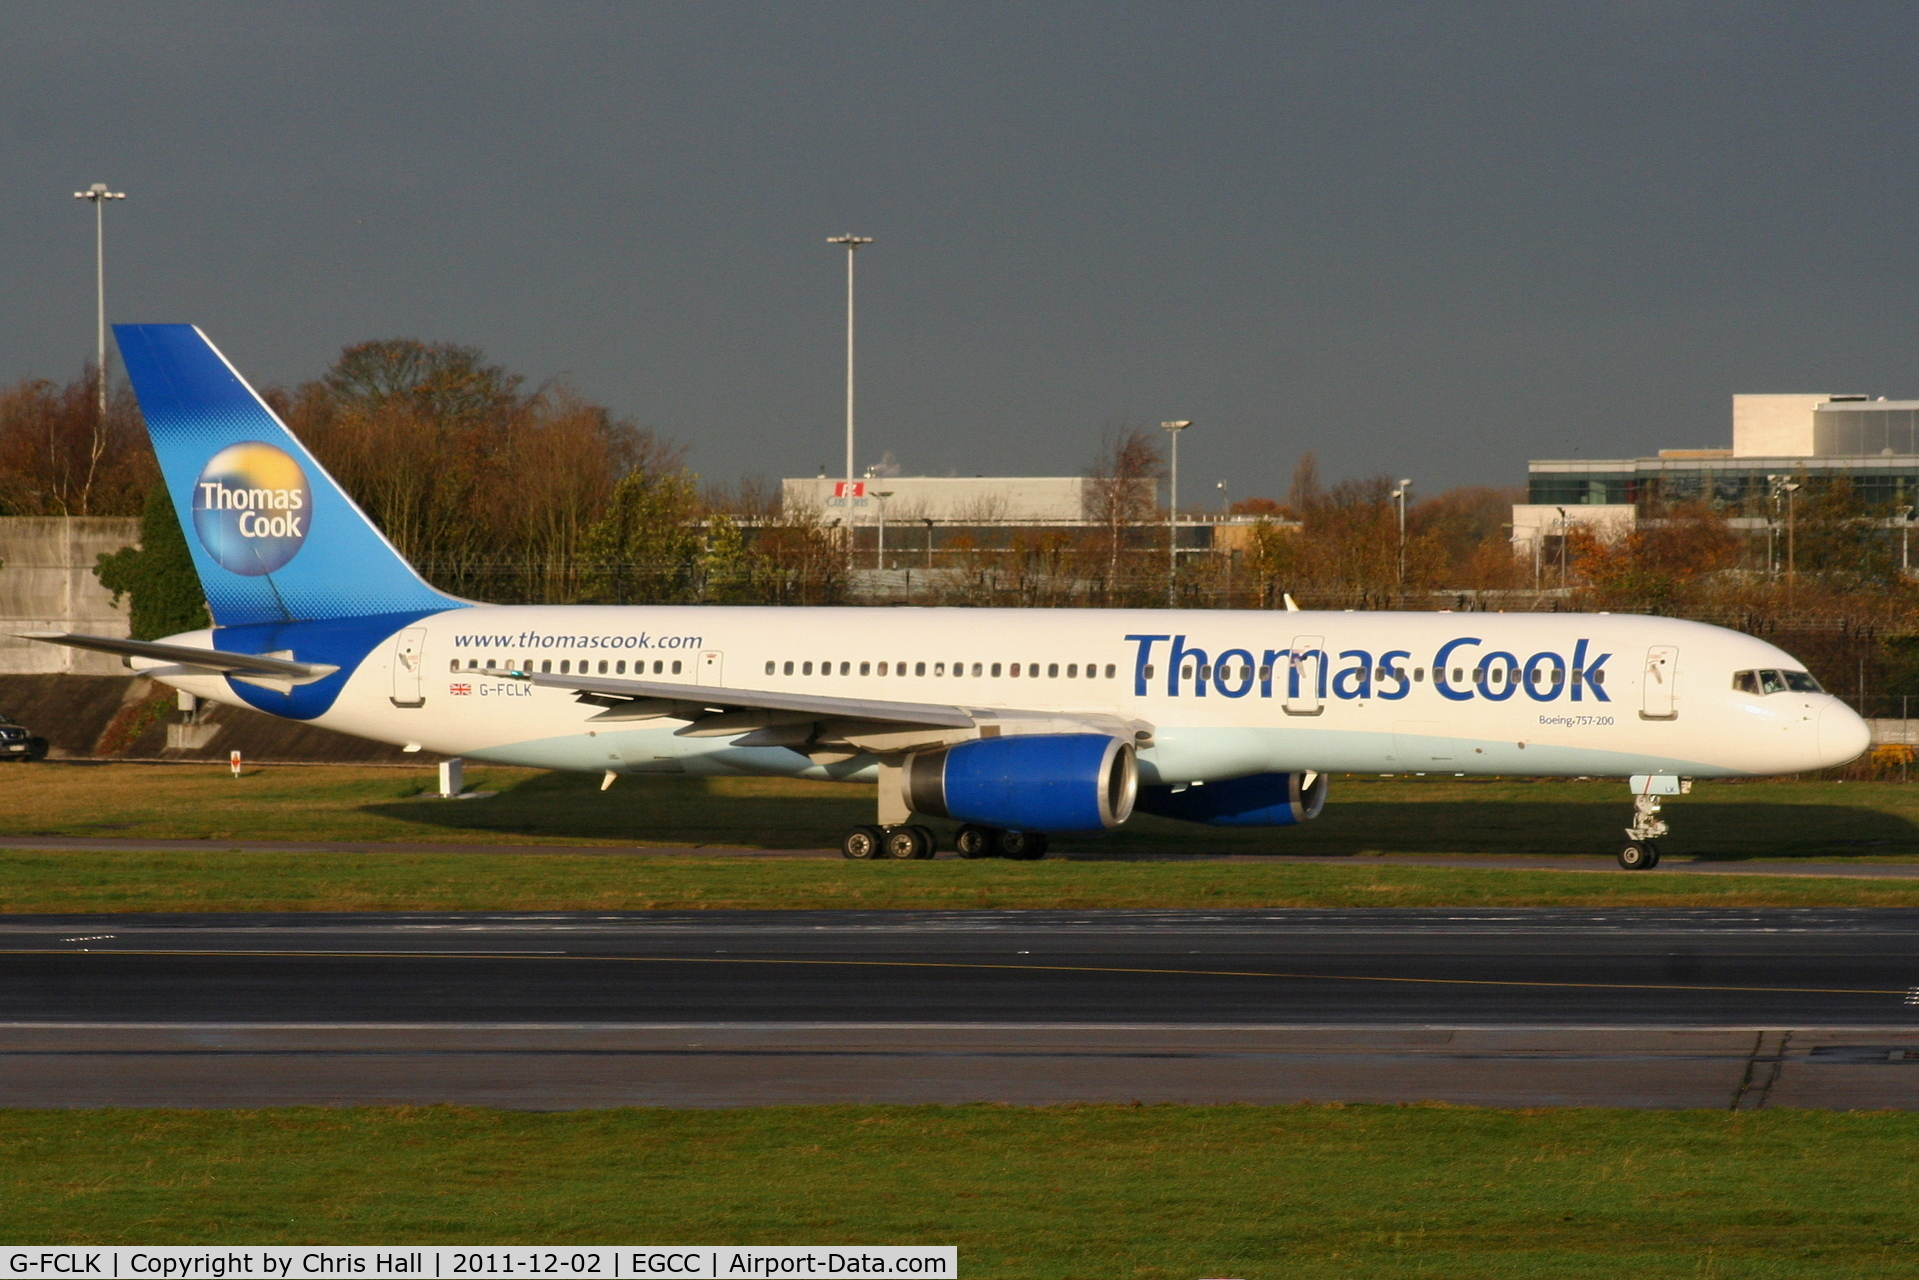 G-FCLK, 1993 Boeing 757-2Y0 C/N 26161, Thomas Cook